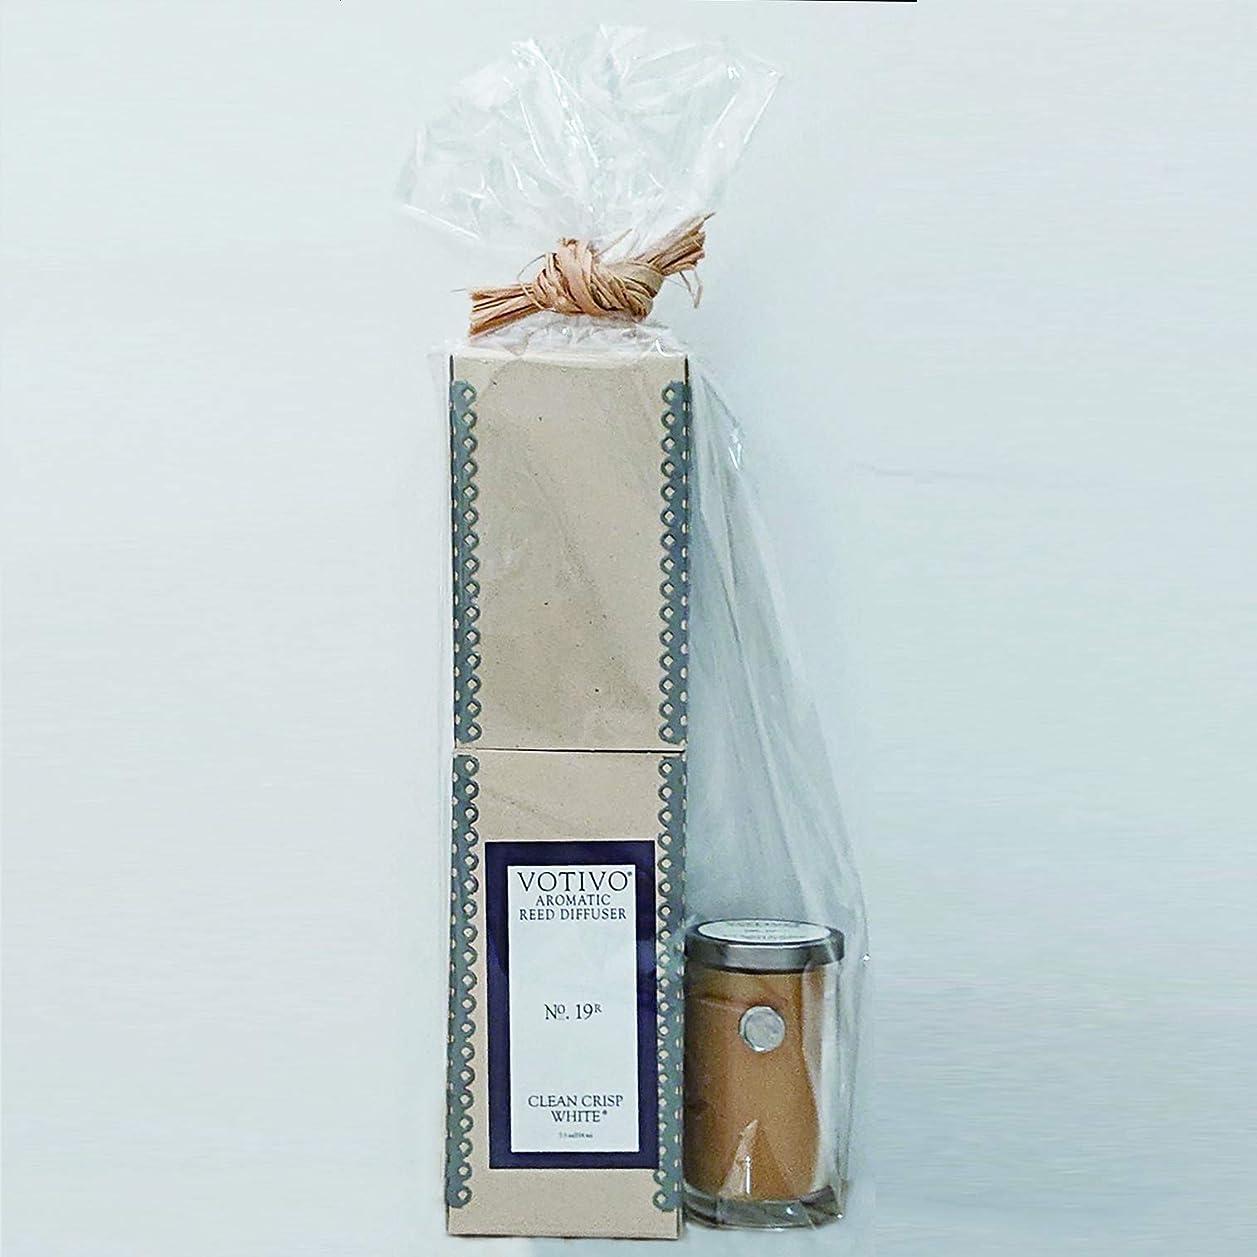 樹皮センブランス博覧会VOTIVO CLEAN CRISP WHITE SPECIAL リードディフューザー, ボーティブキャンドルセット